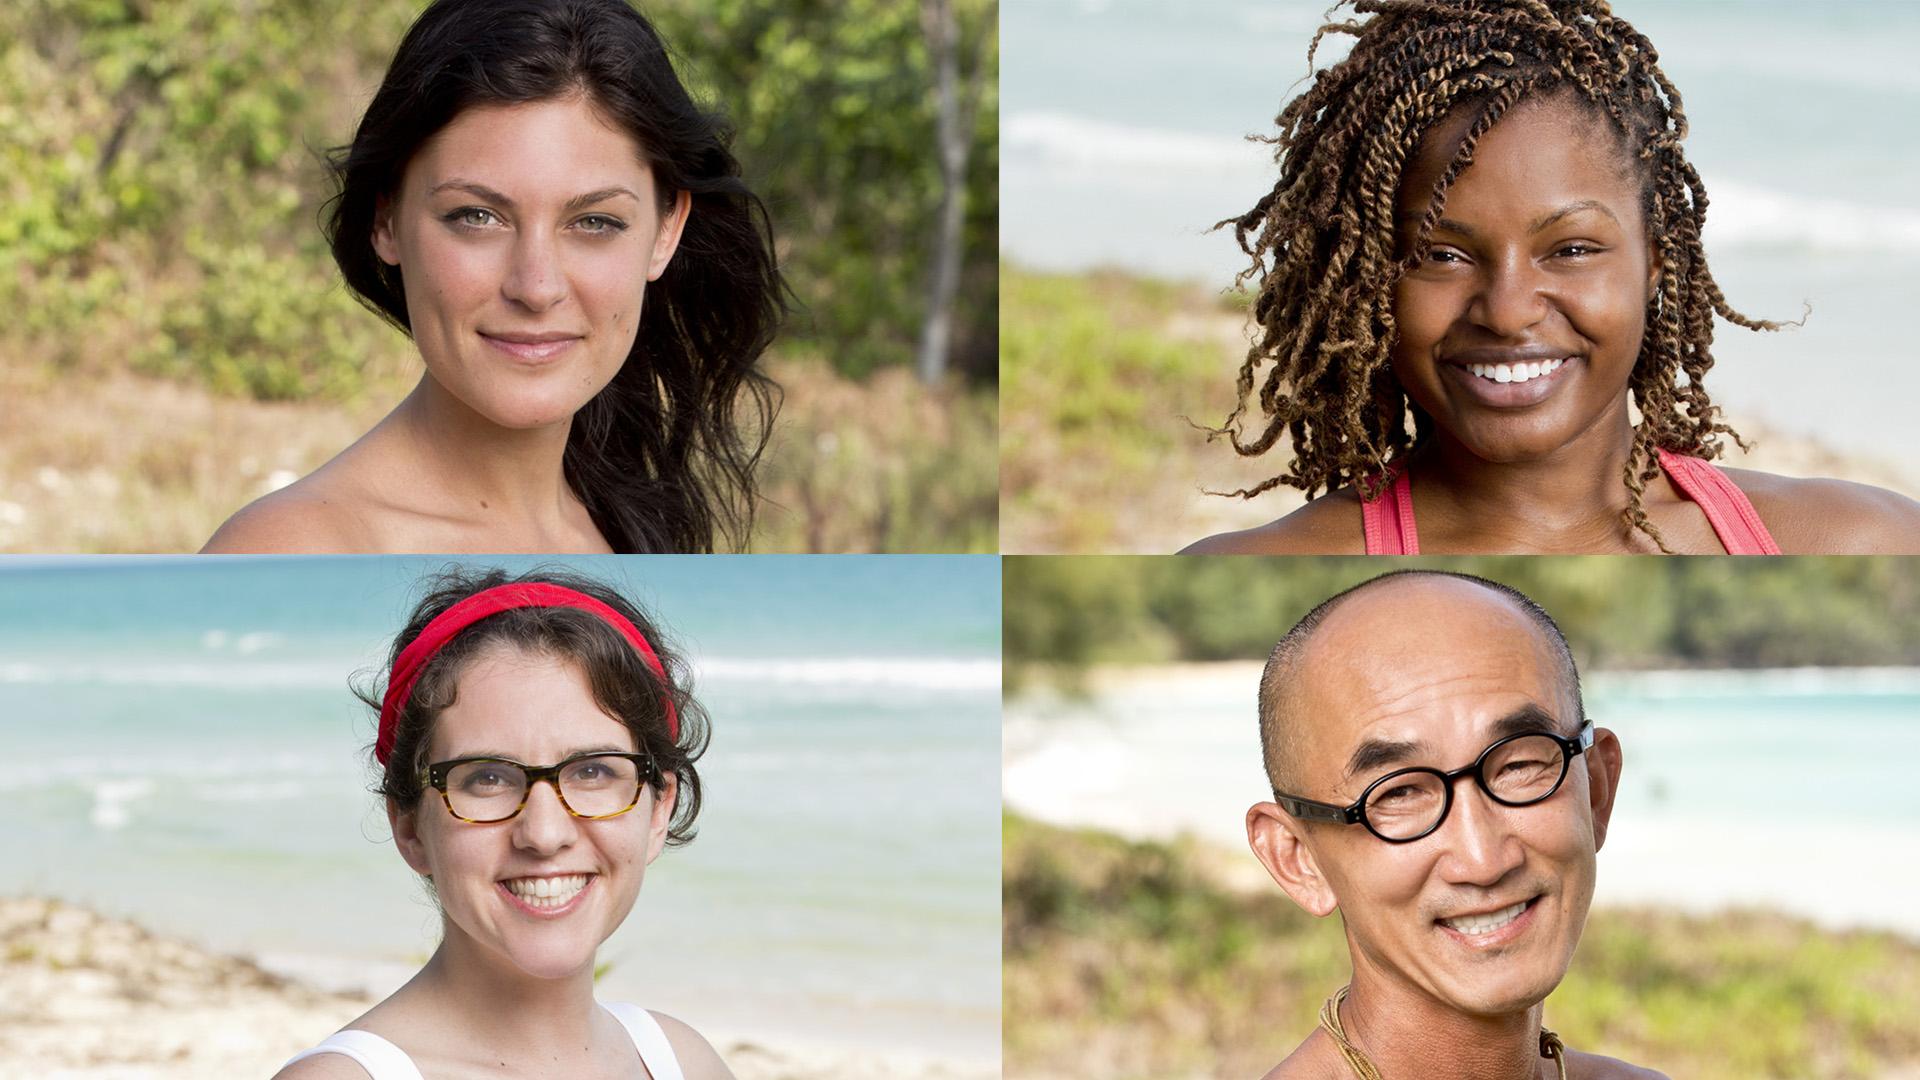 Before the season finale of Survivor: Kaoh Rong, let's examine the Final 4 castaways' résumés.